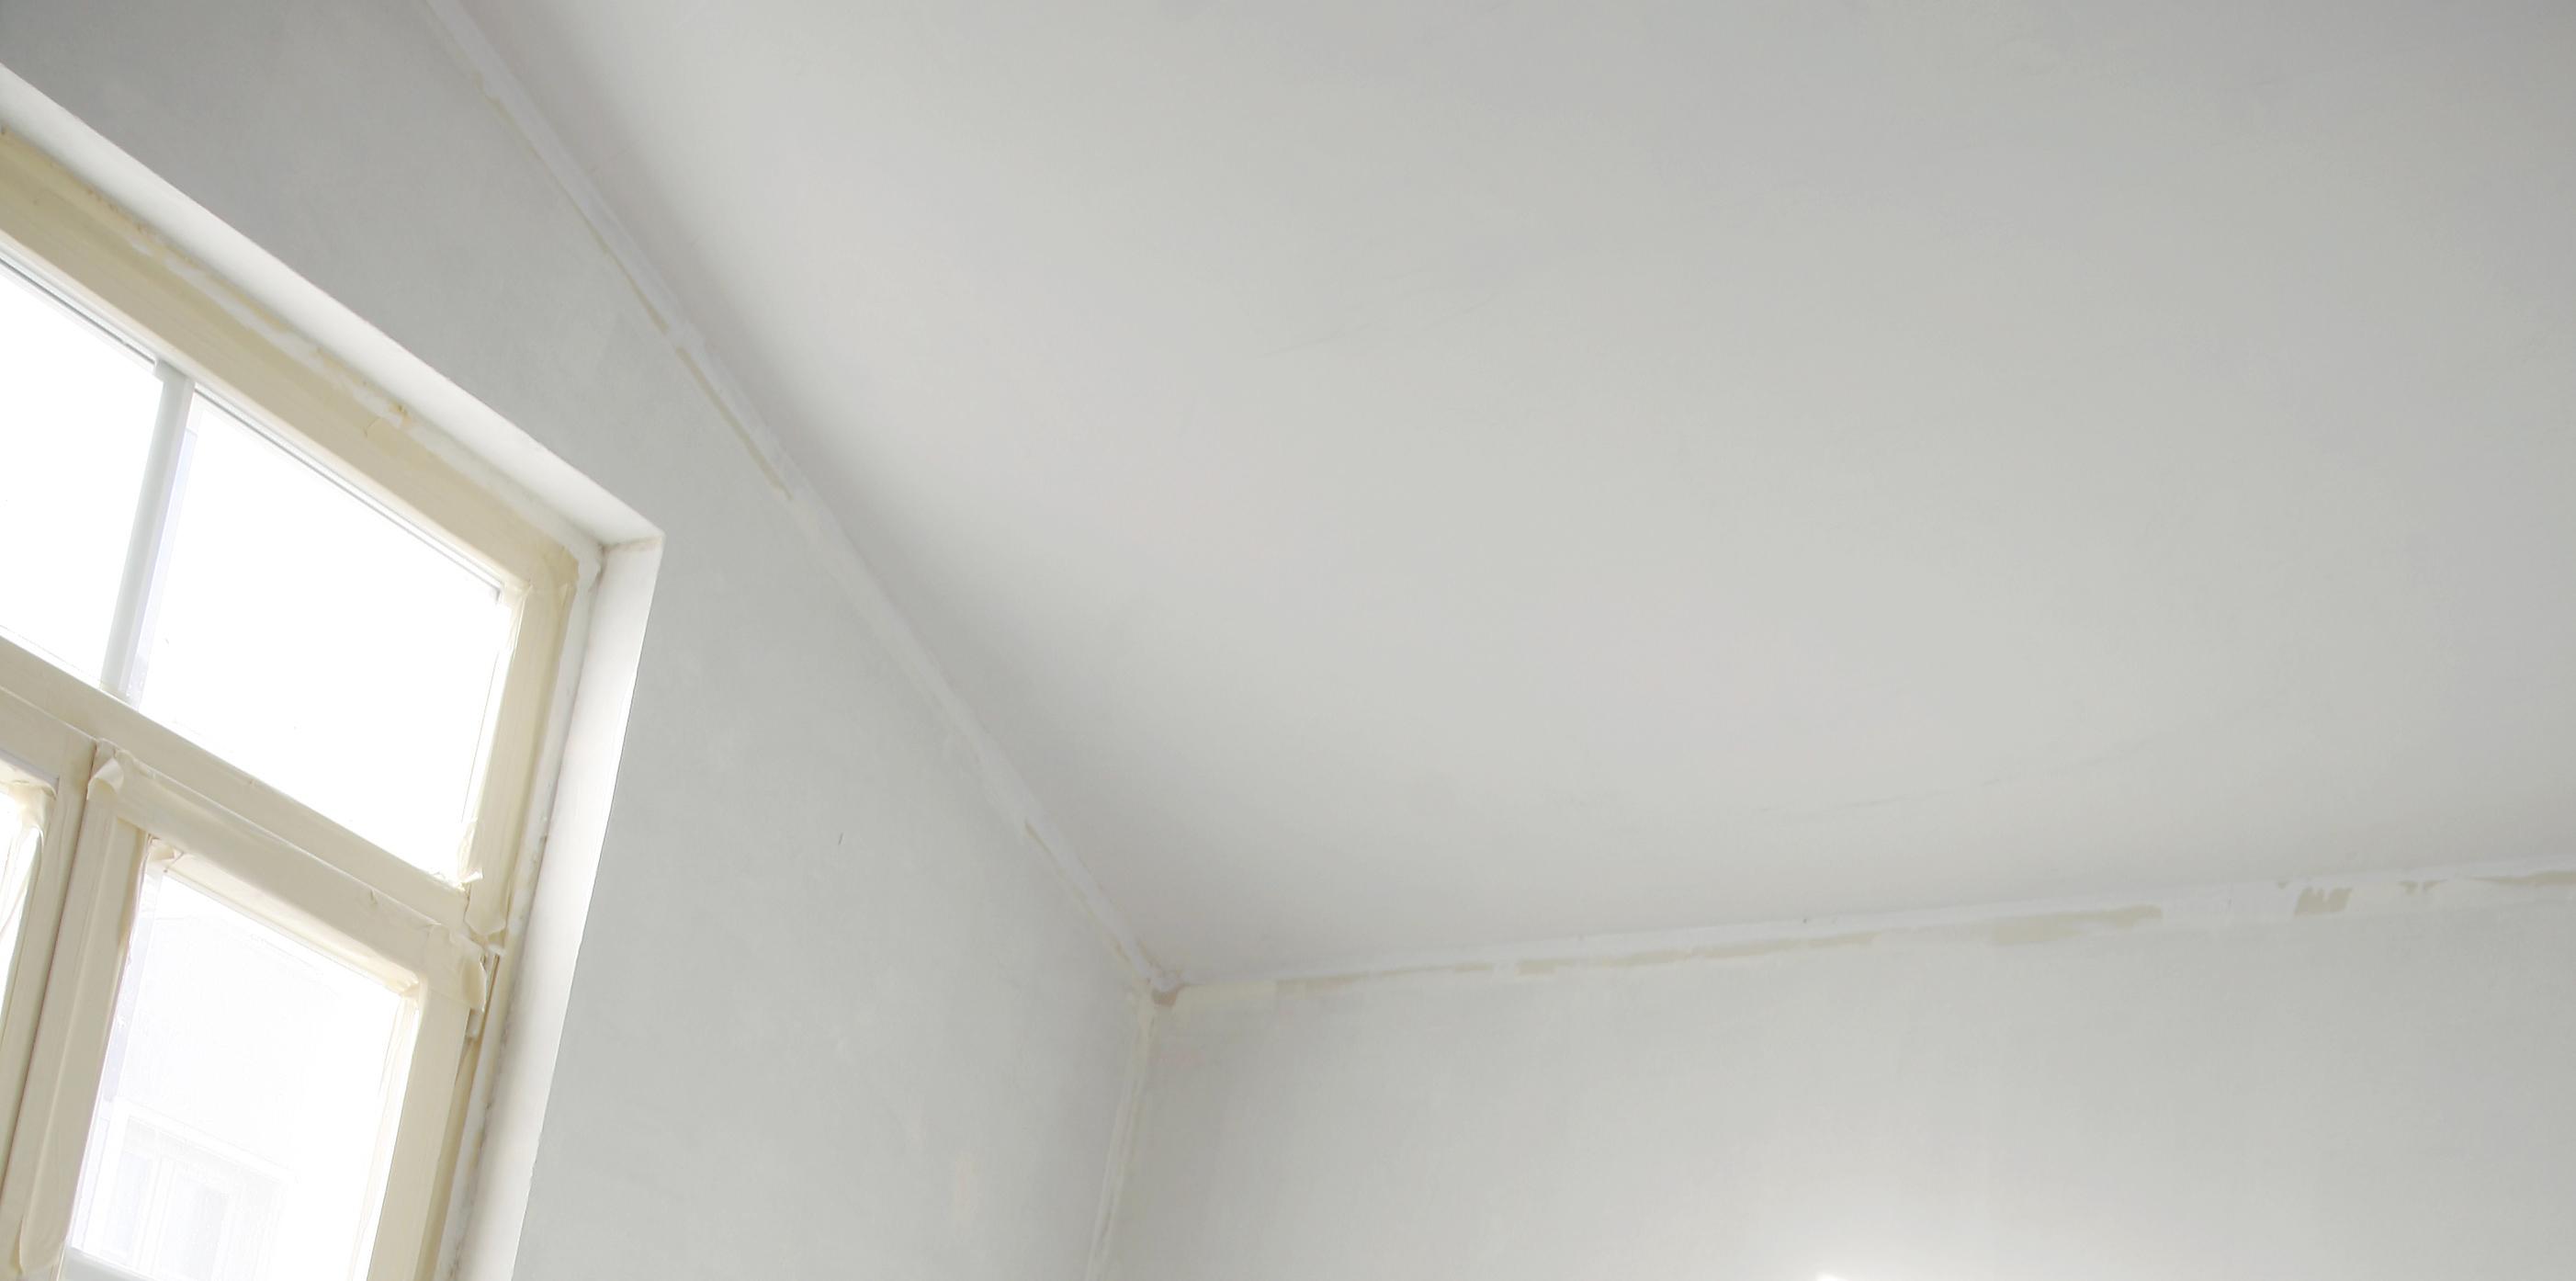 Escoger los colores adecuados para pintar una habitaci n for Pintar techo cocina